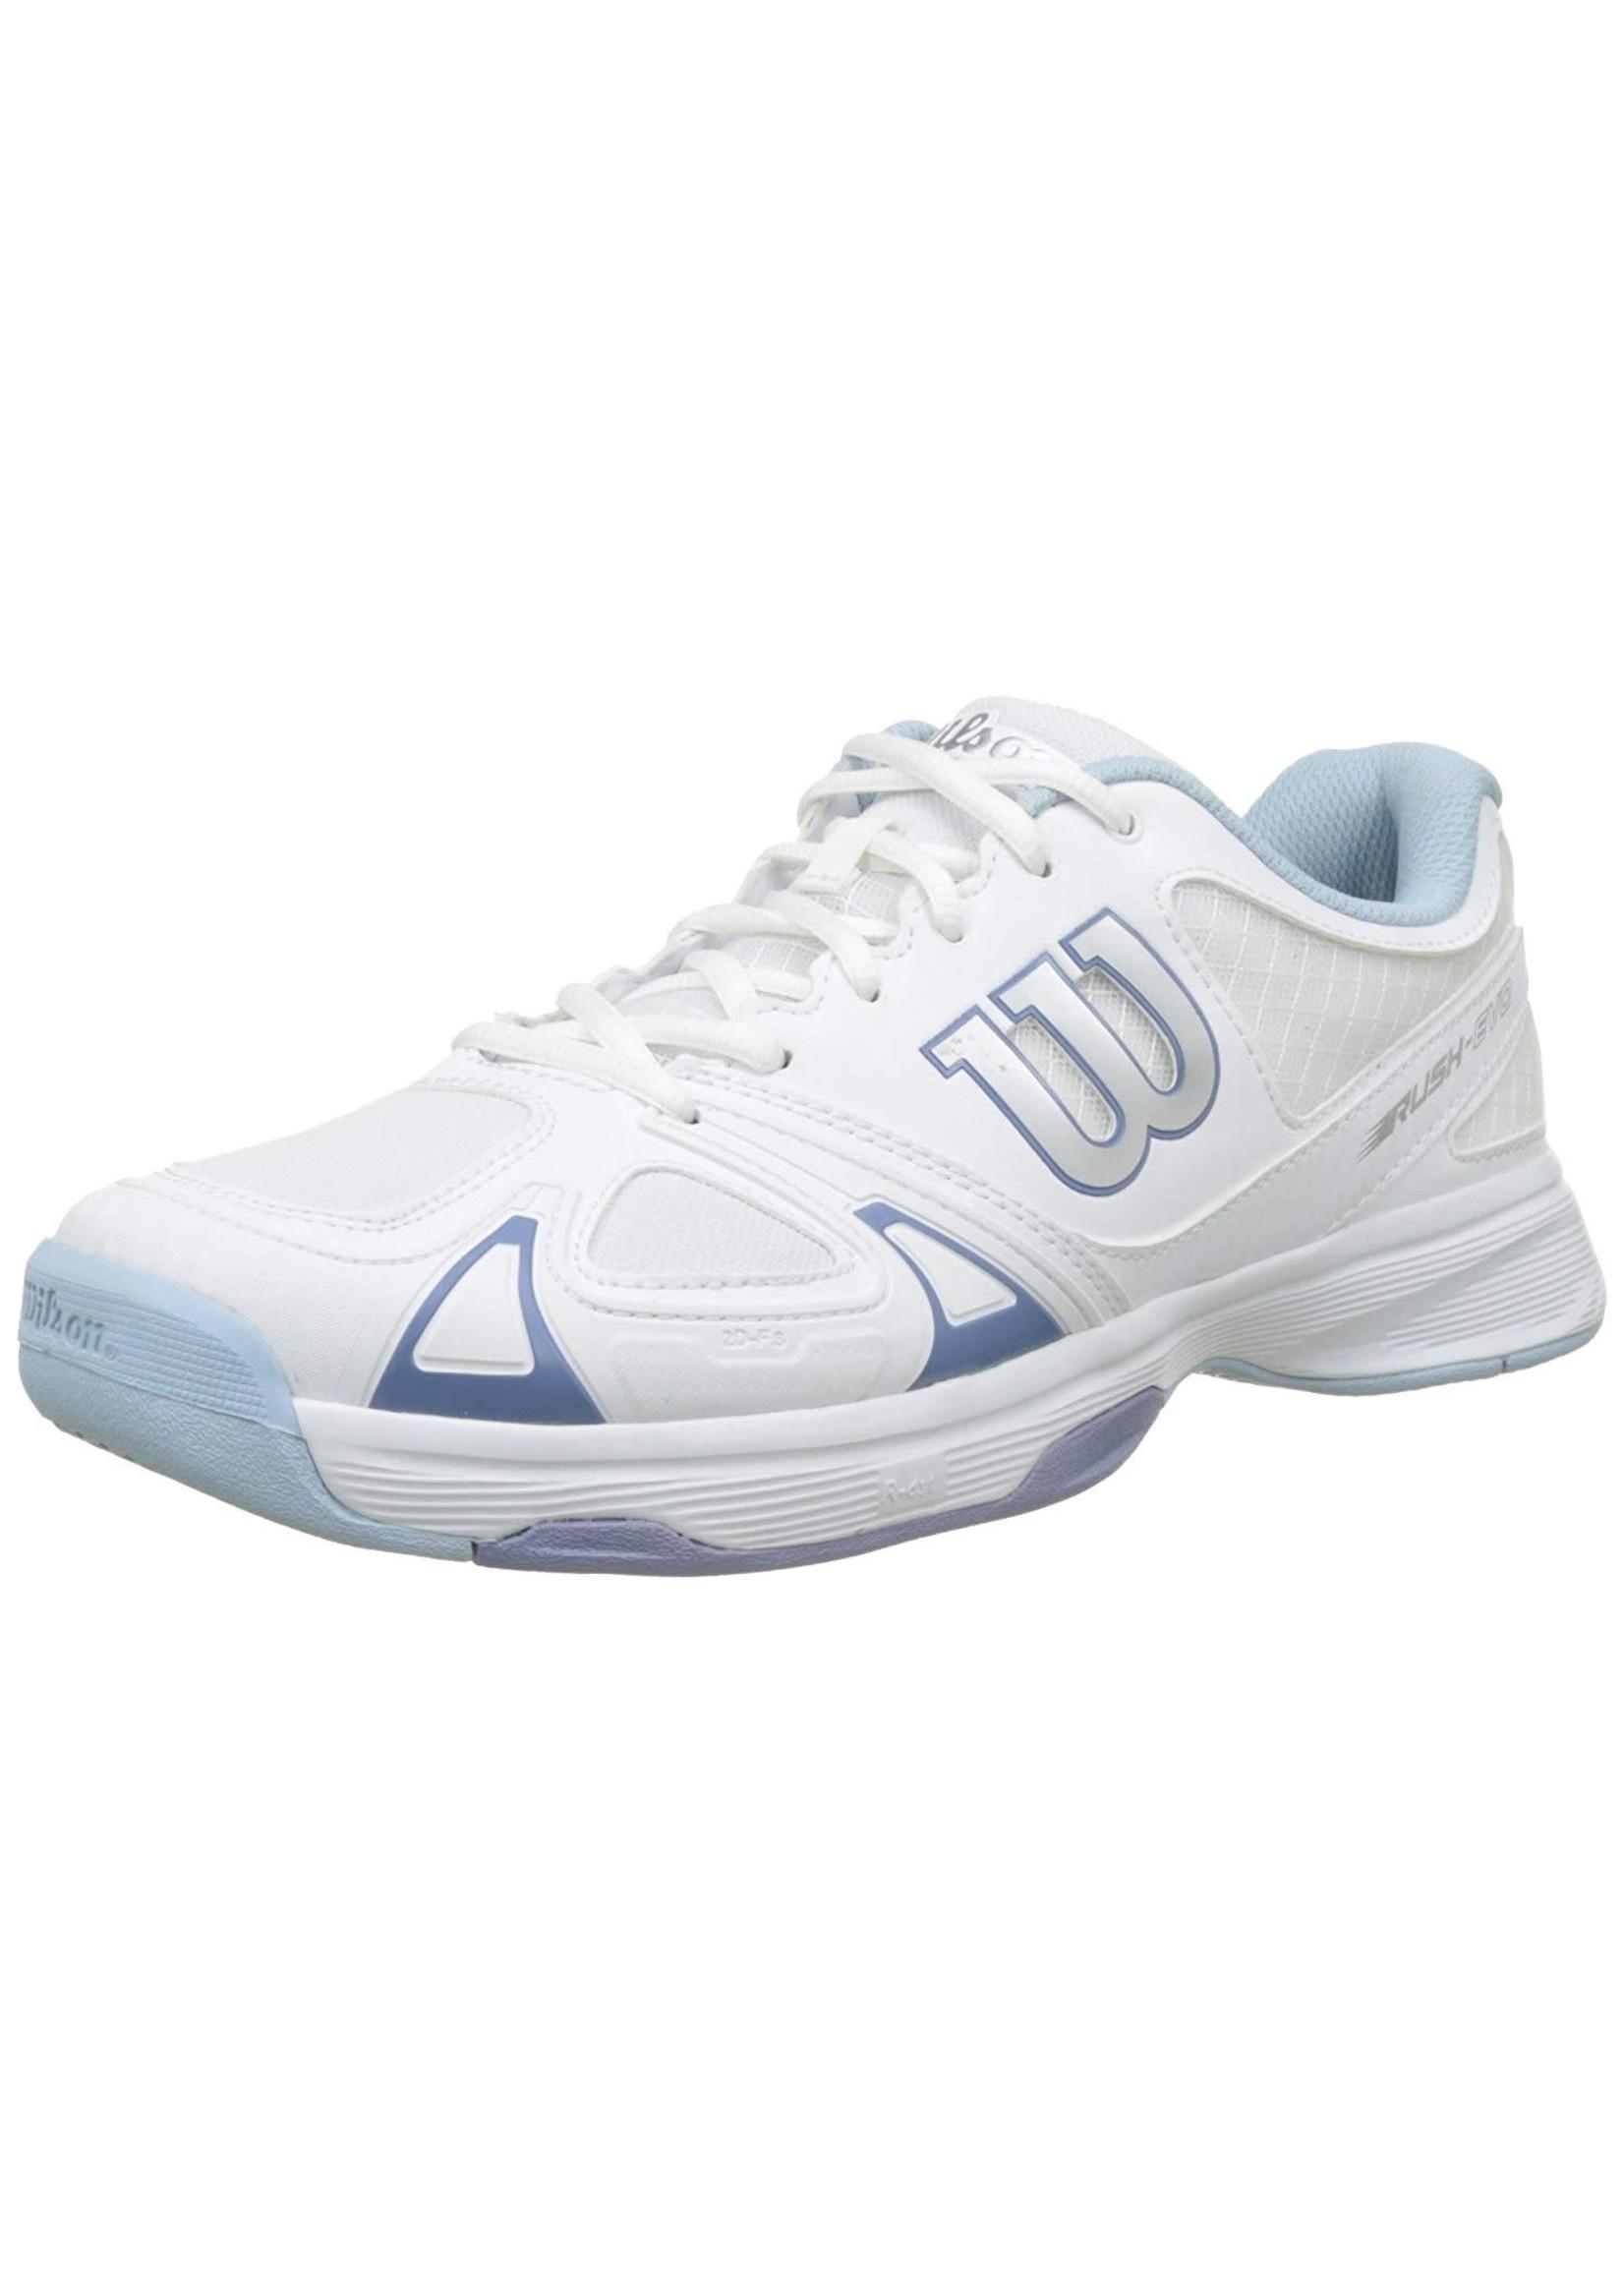 Wilson Ladies Rush Evo Tennis Shoe White/ Stone Wash 5.5